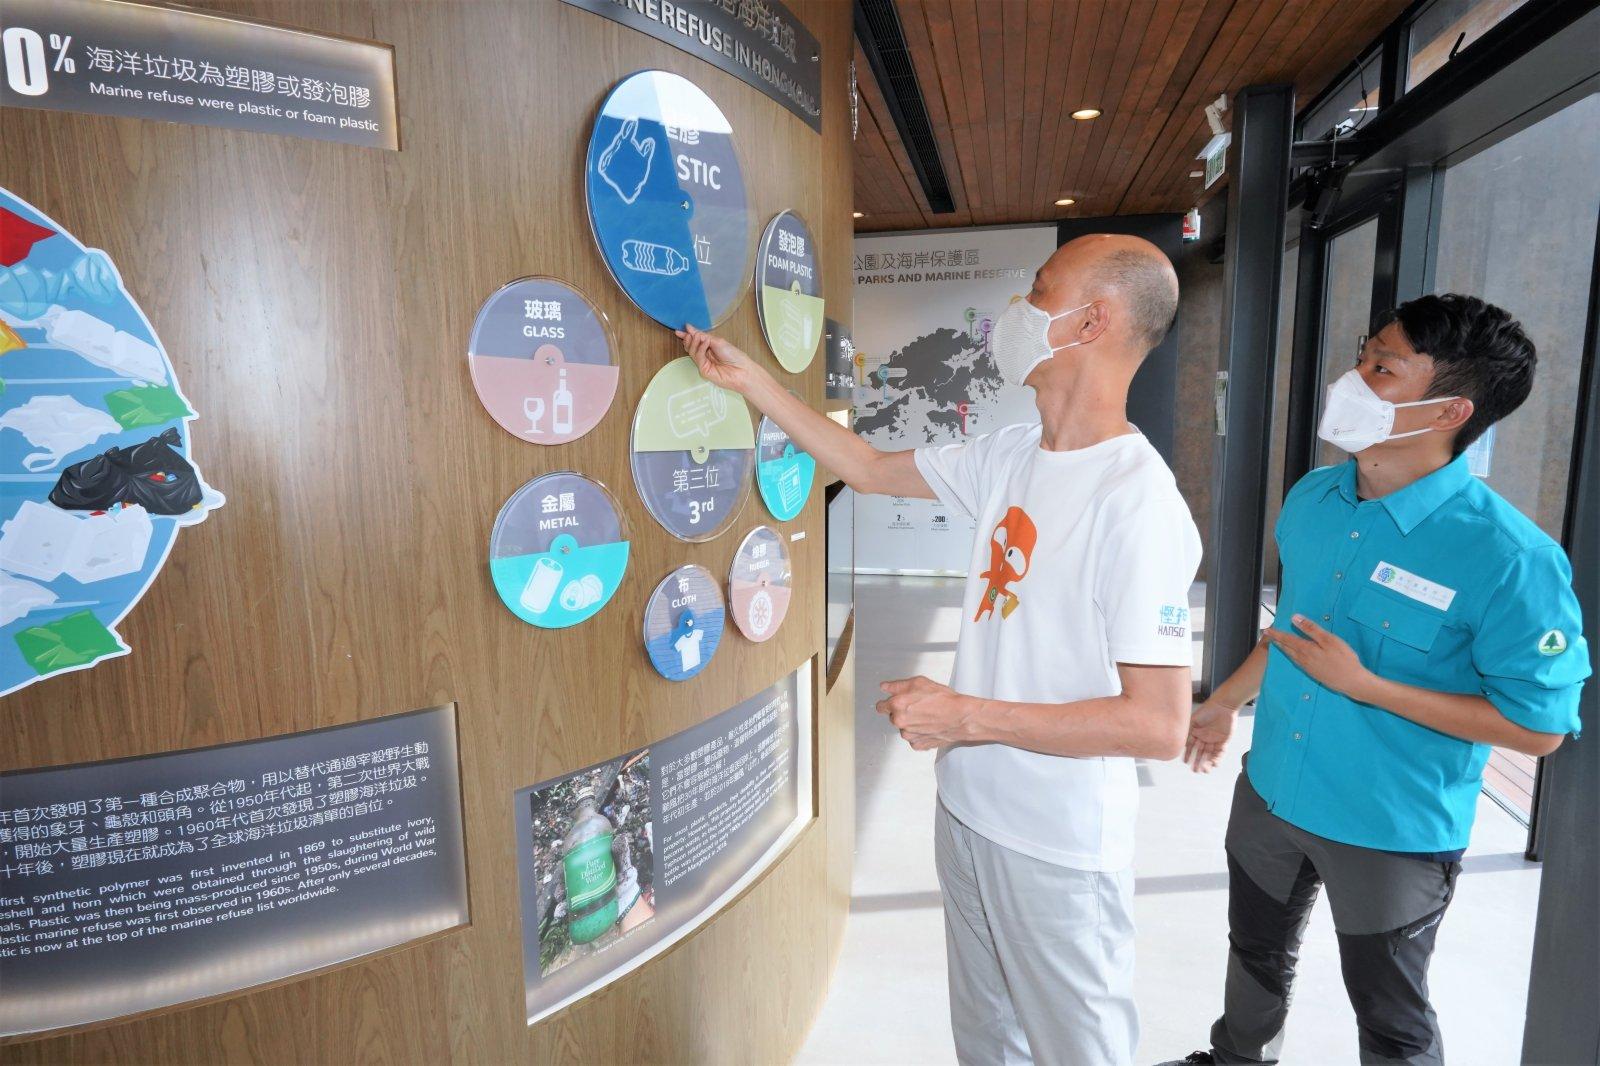 環境局局長黃錦星(左)參觀中心的展覽廳。展品介紹海岸公園的管理及保育措施、海洋生態、海下歷史及海洋面對的威脅等教育資訊。(政府新聞處)